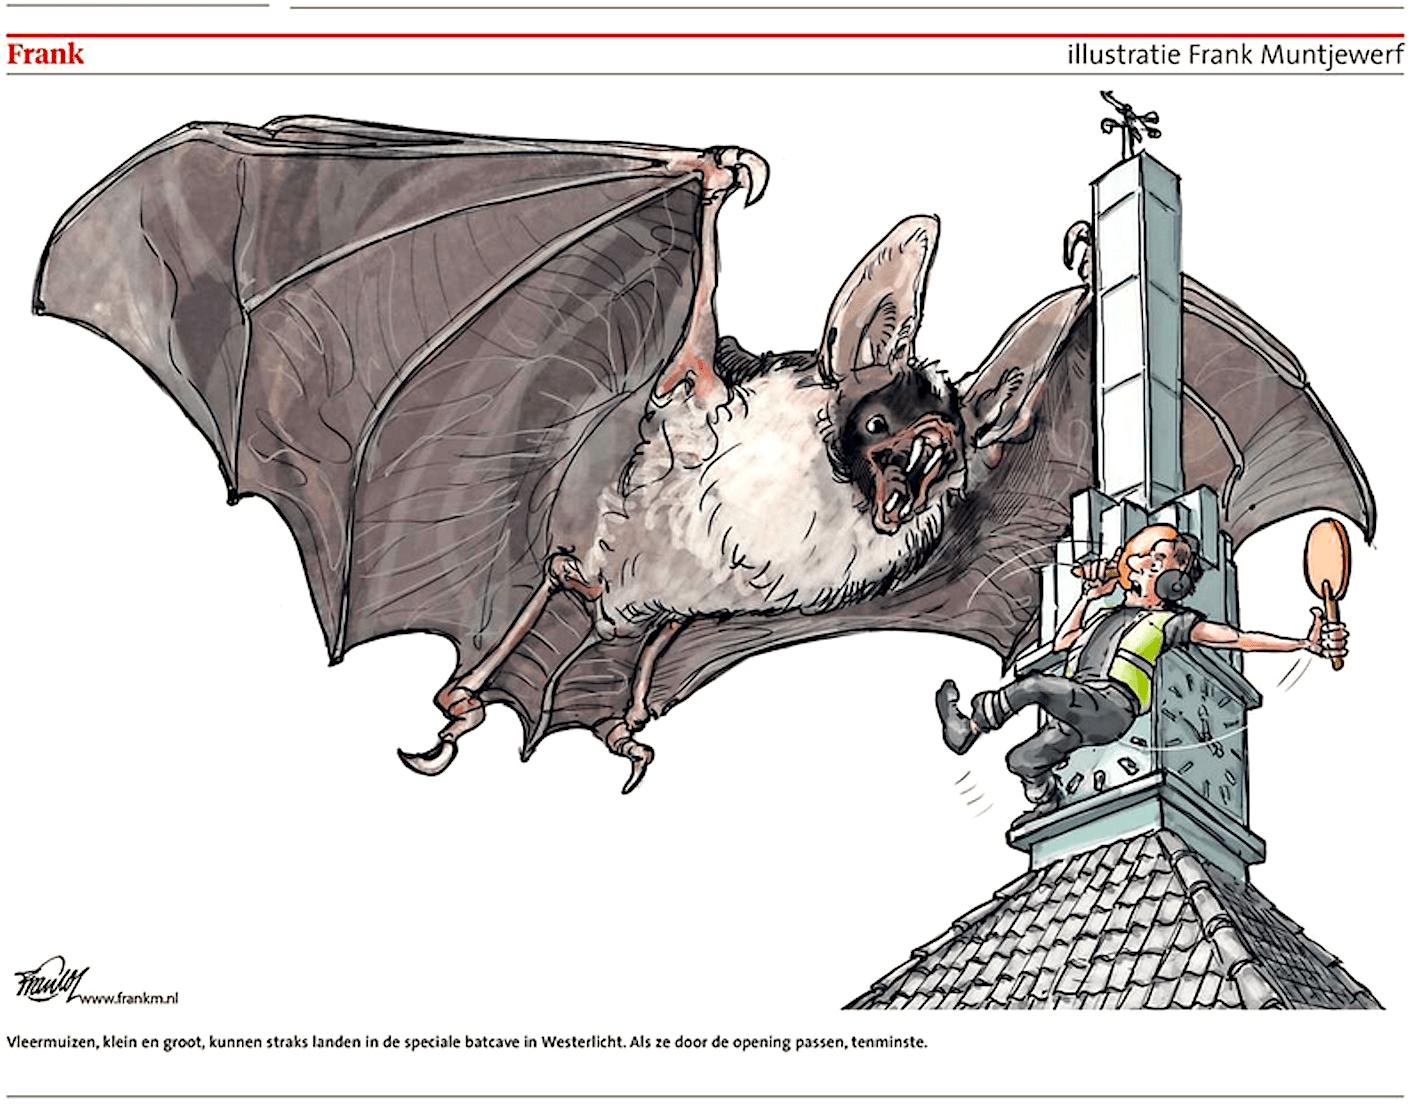 Frank Muntjewerf - Vleermuizen